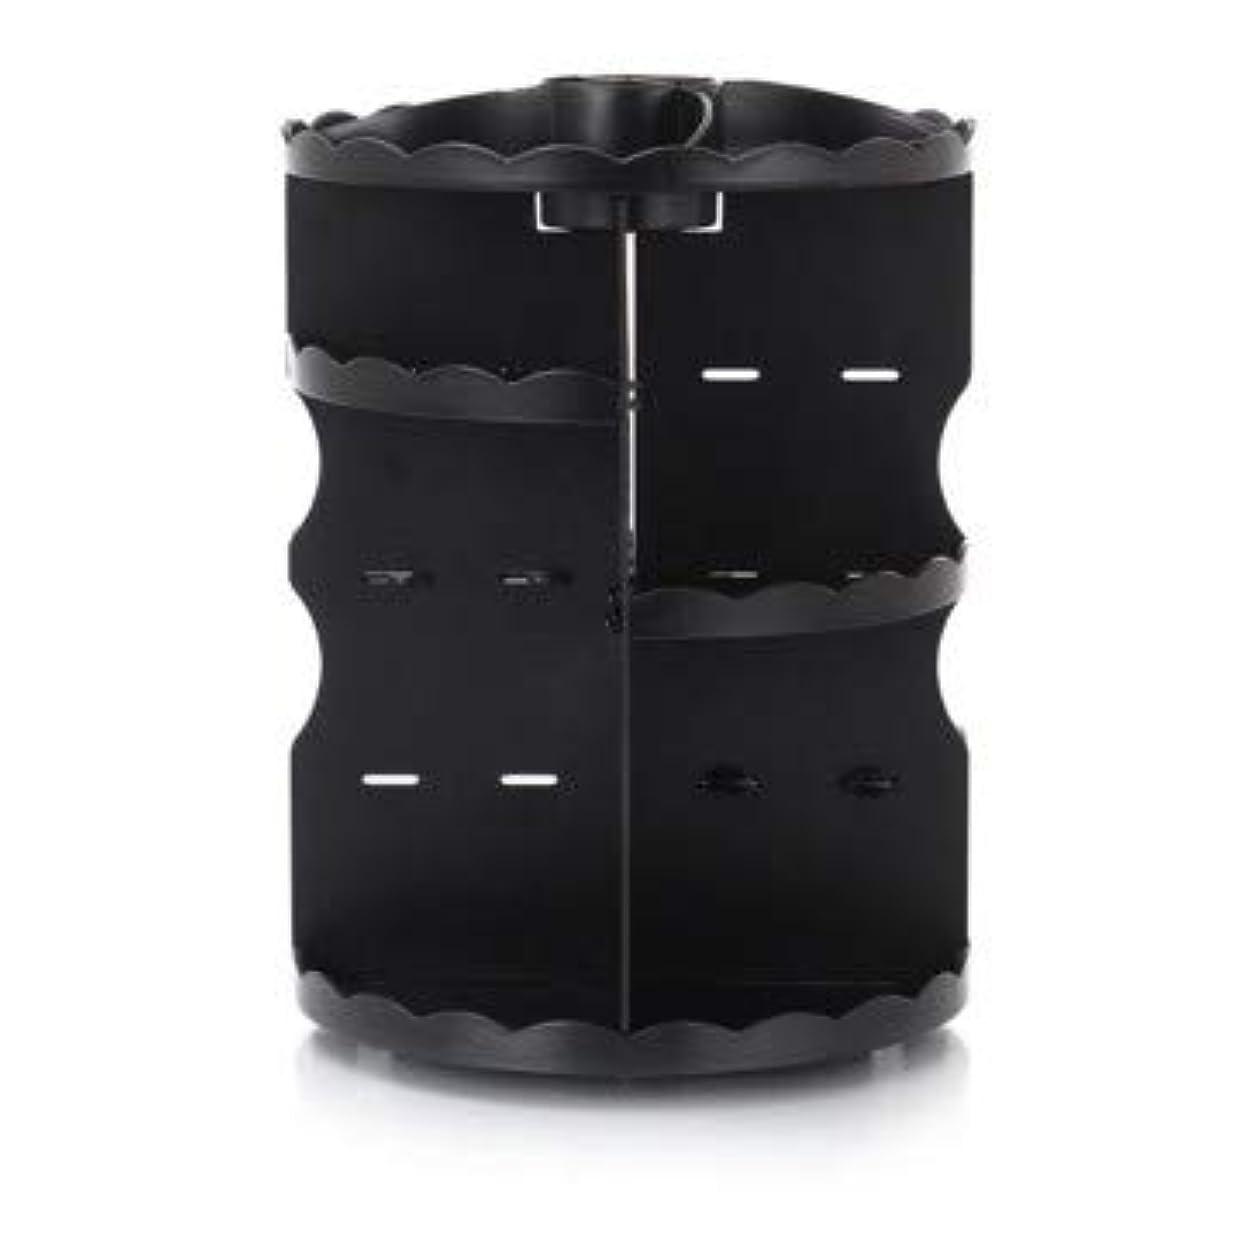 ラウンド卓上回転口紅フレーム透明アクリル化粧ケース浴室スキンケアプラスチック収納ボックス (Color : ブラック)